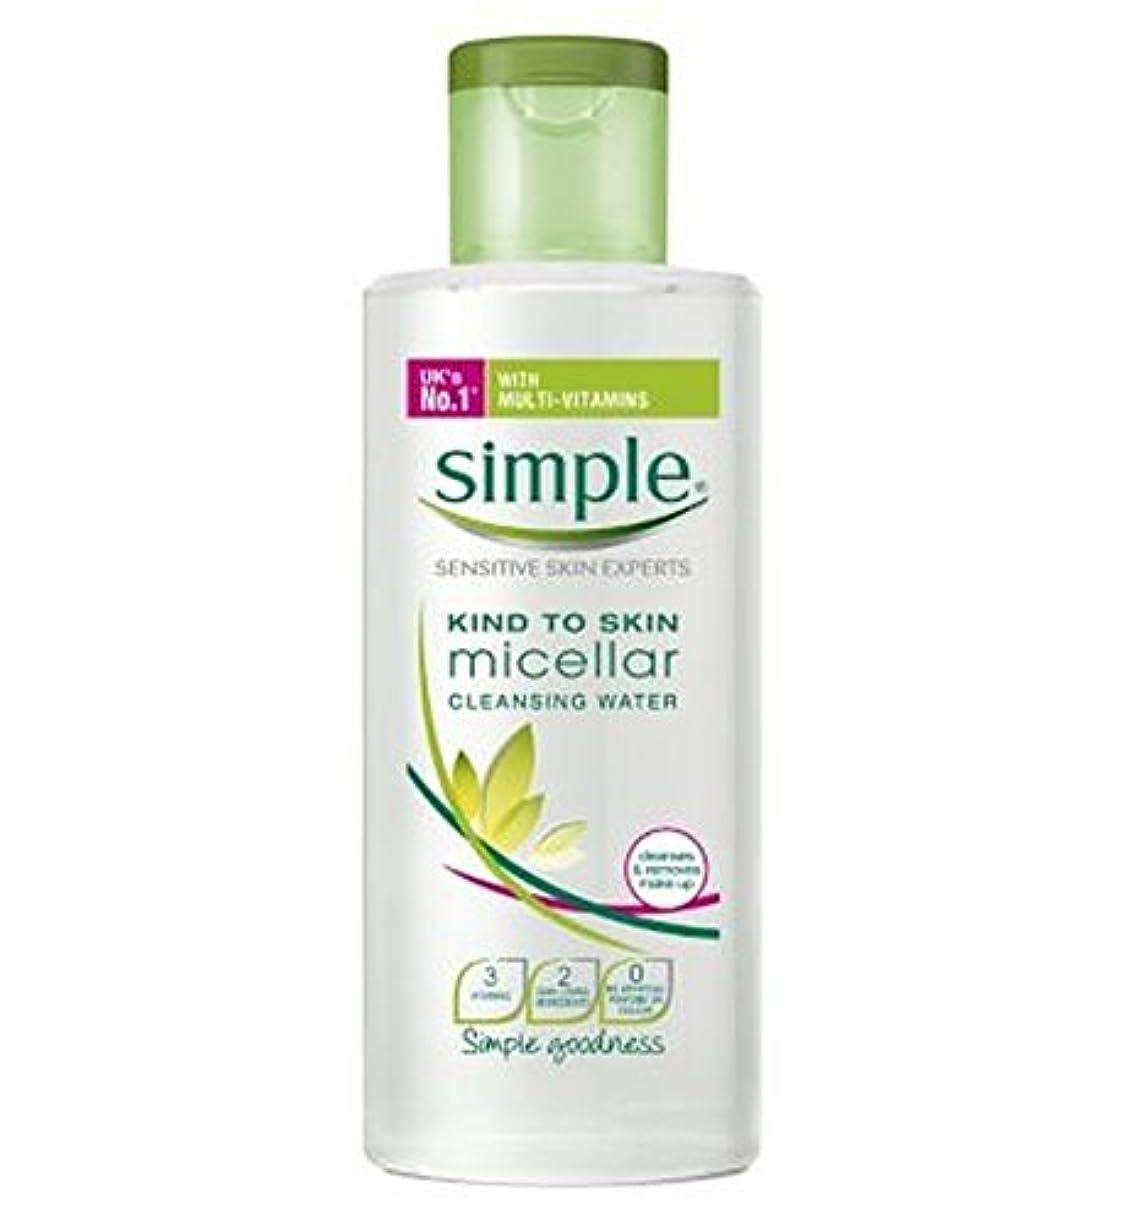 保安韓国和らげるSimple Kind To Skin Micellar Cleansing Water 200ml - 皮膚ミセル洗浄水200ミリリットルに簡単な種類 (Simple) [並行輸入品]